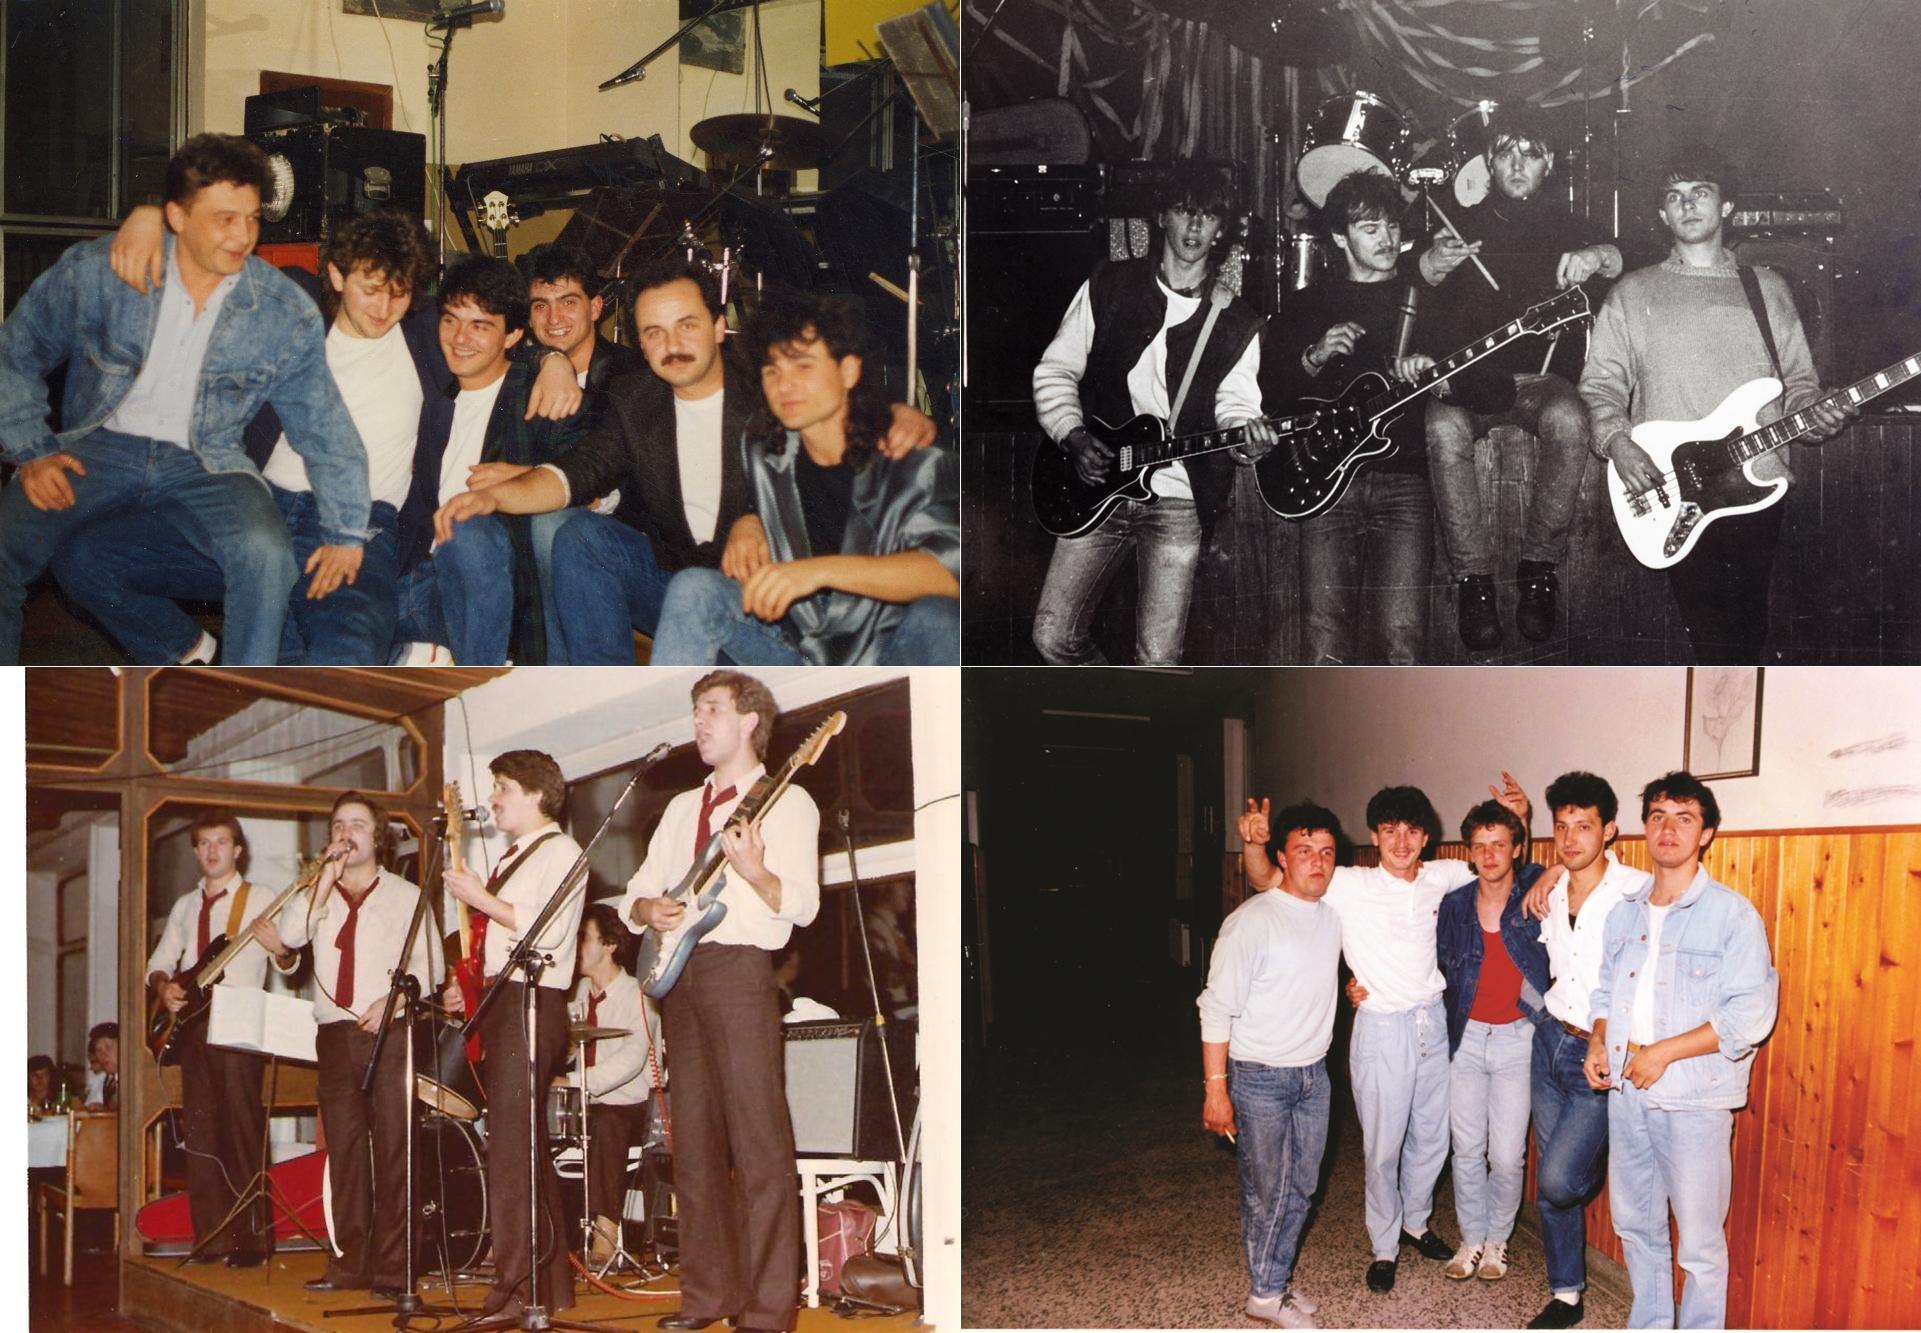 Photo of Sjećate li se ličkih bendova iz 80-ih? Likosi, TNT, Levant, TOP GUN, Bijeli oblaci USKORO UŽIVO!